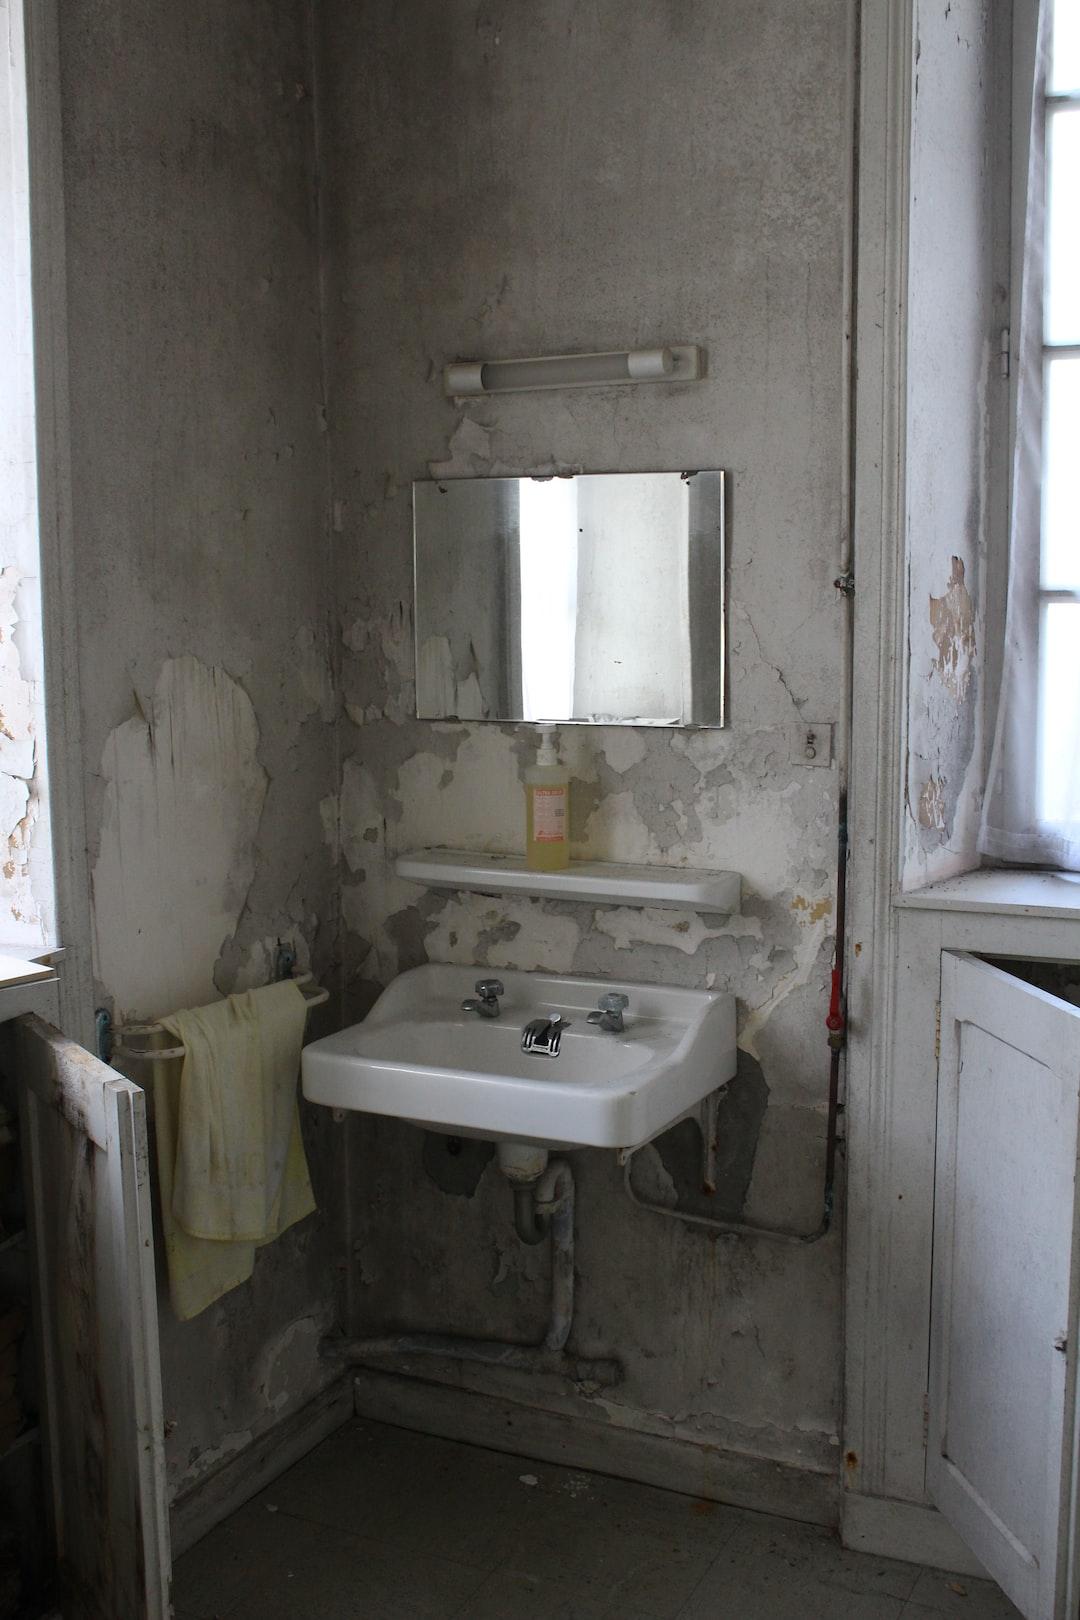 Clinic bathroom